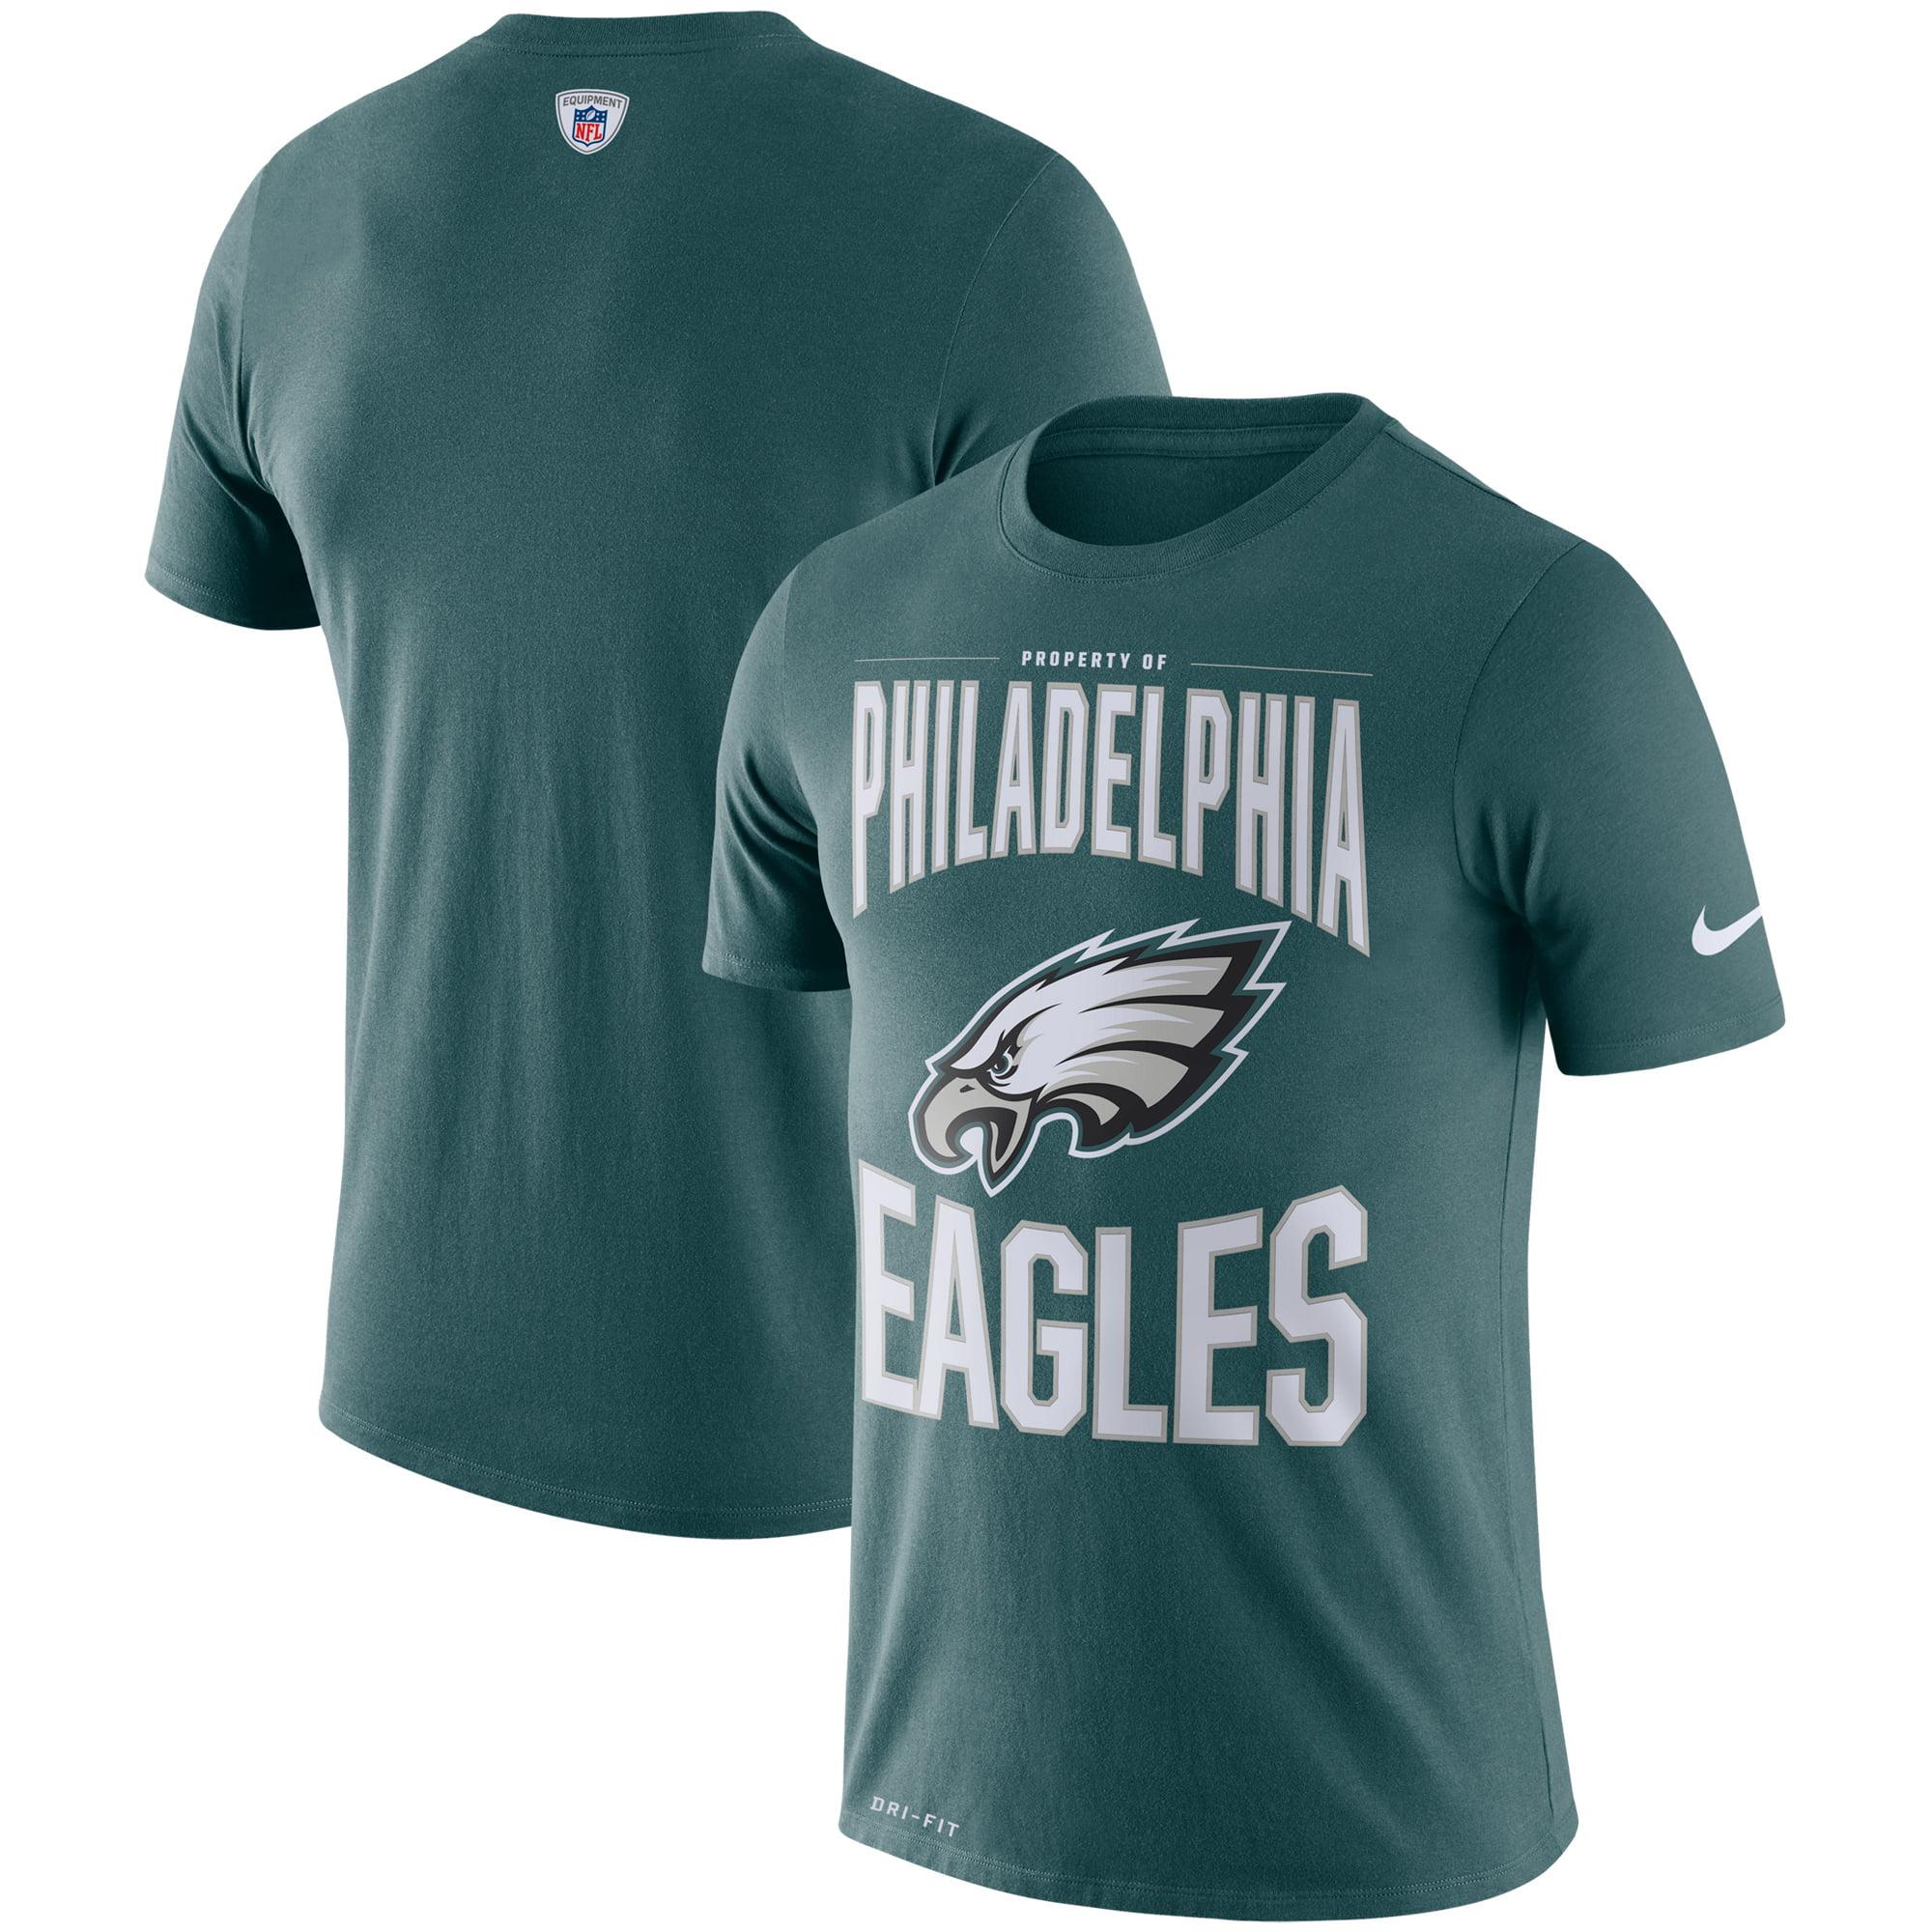 low priced 7b560 3ddcb Philadelphia Eagles Team Shop - Walmart.com